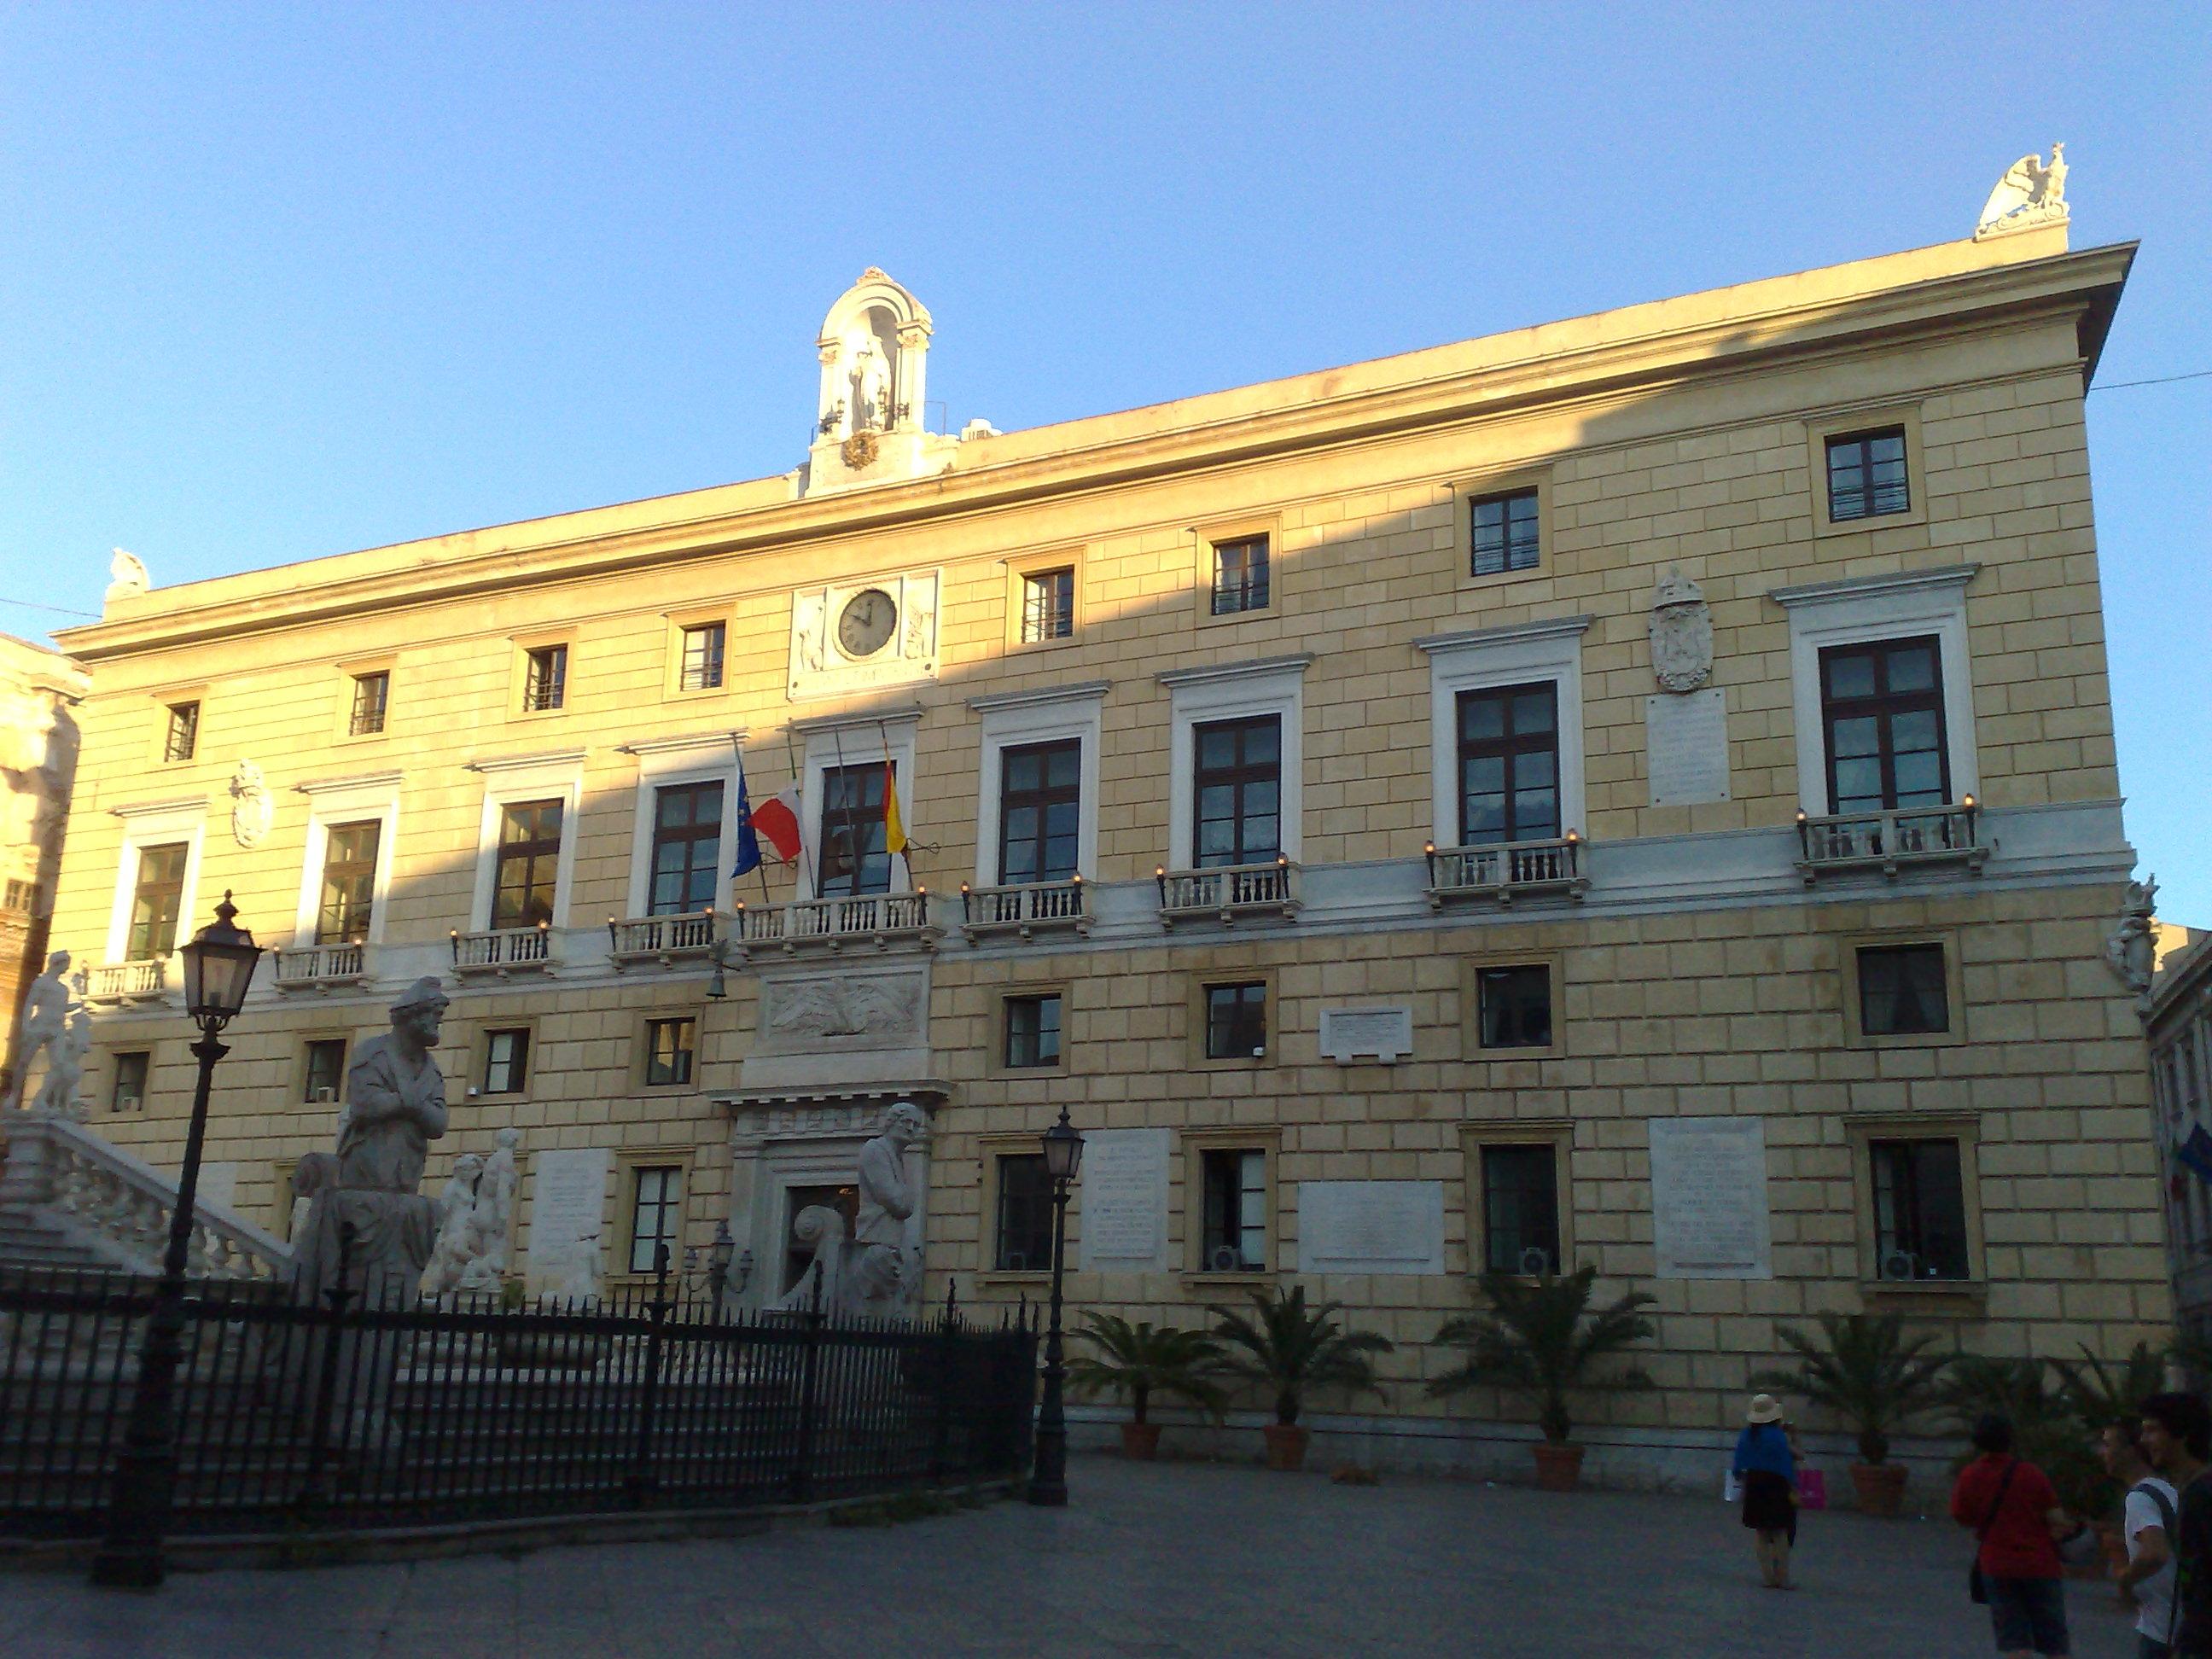 Emergenza Cotonavirus/ Palermo, i tre consiglieri comunali grillini chiedono lo stop alla ZTL